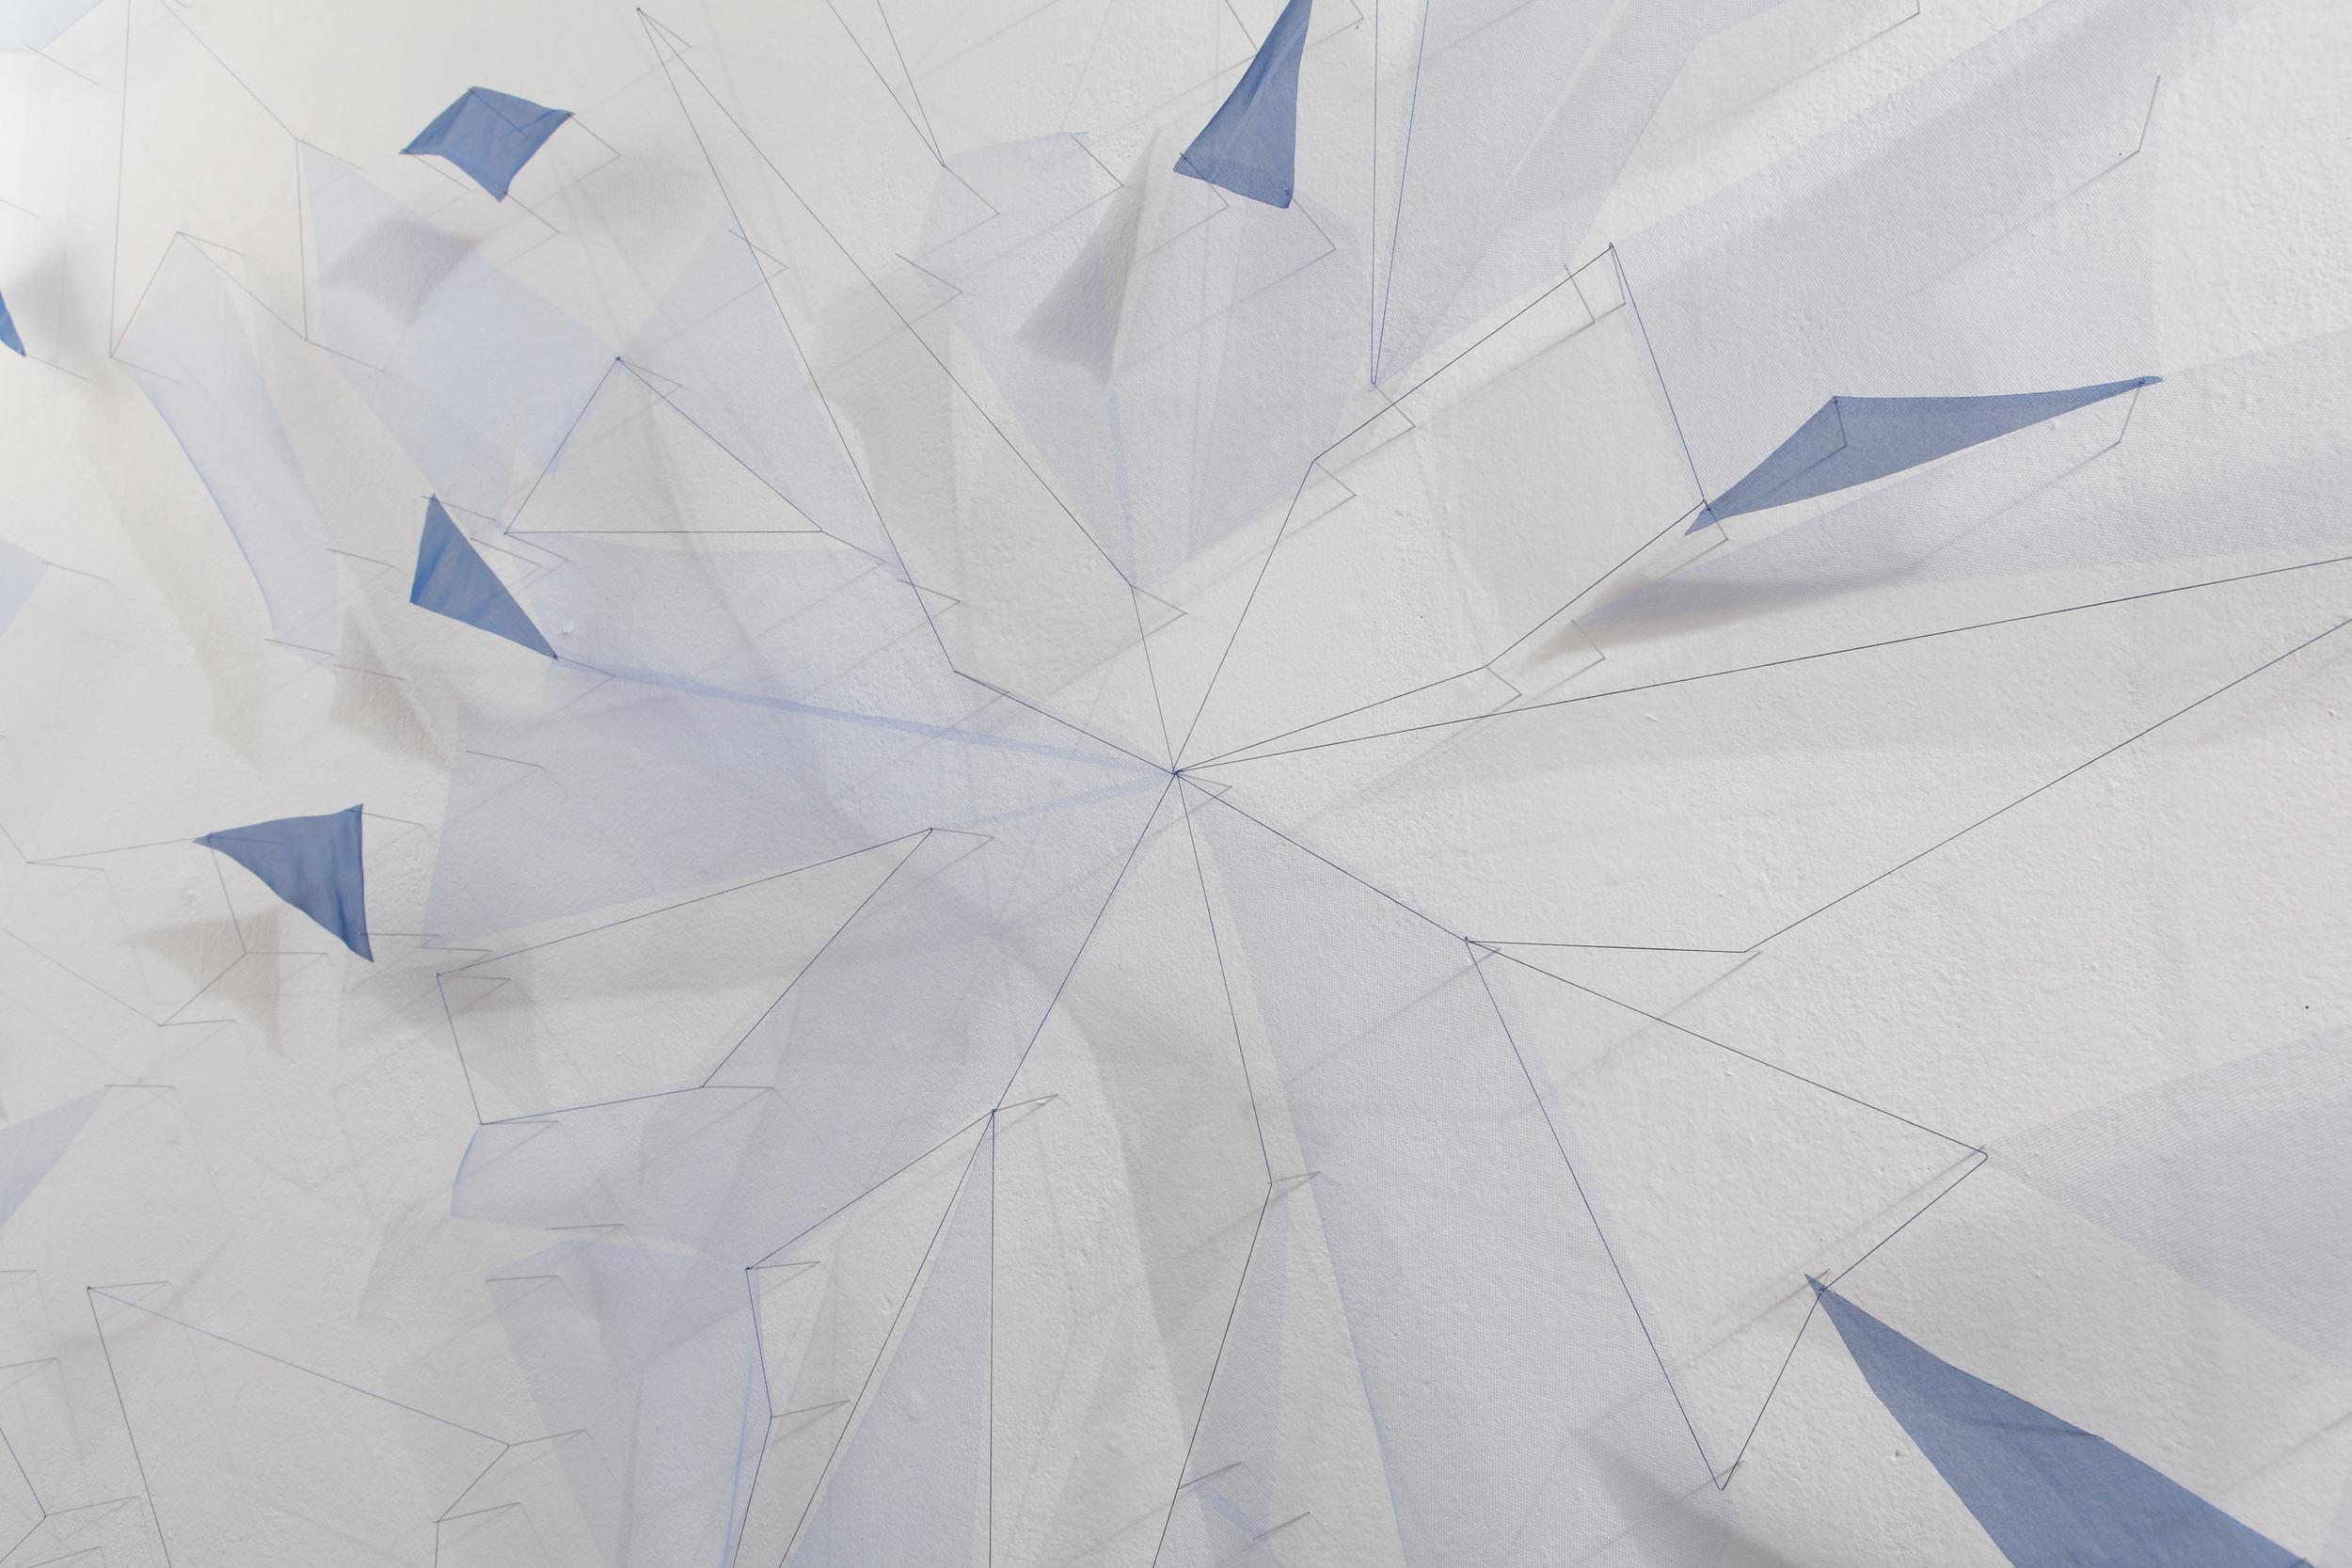 Lewis_Sage_16_Interference Blue DETAIL sm.jpg